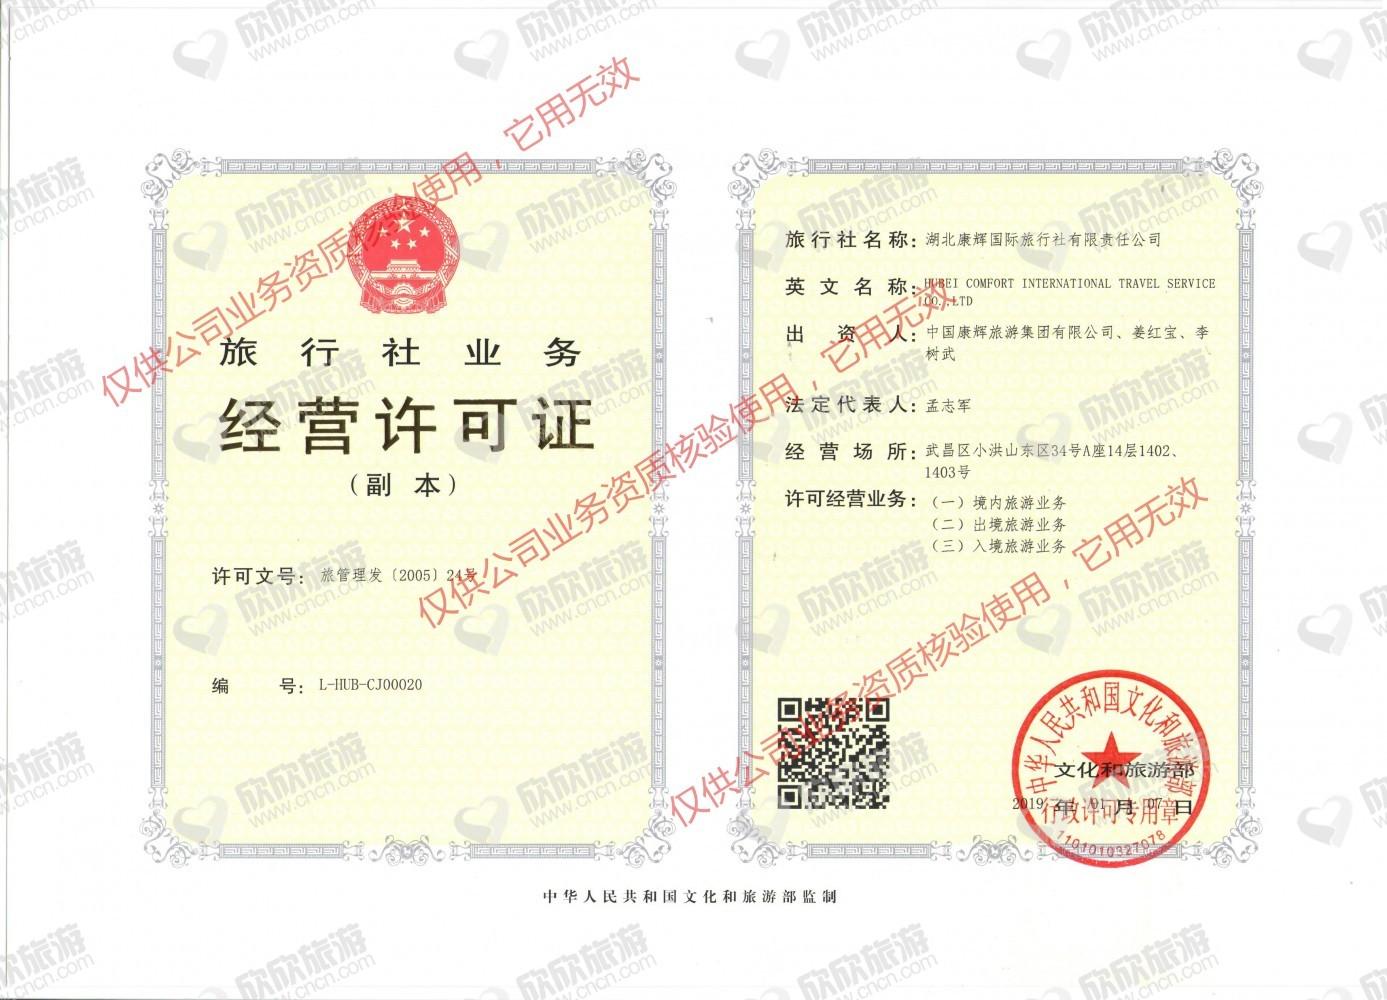 湖北康辉国际旅行社有限责任公司经营许可证